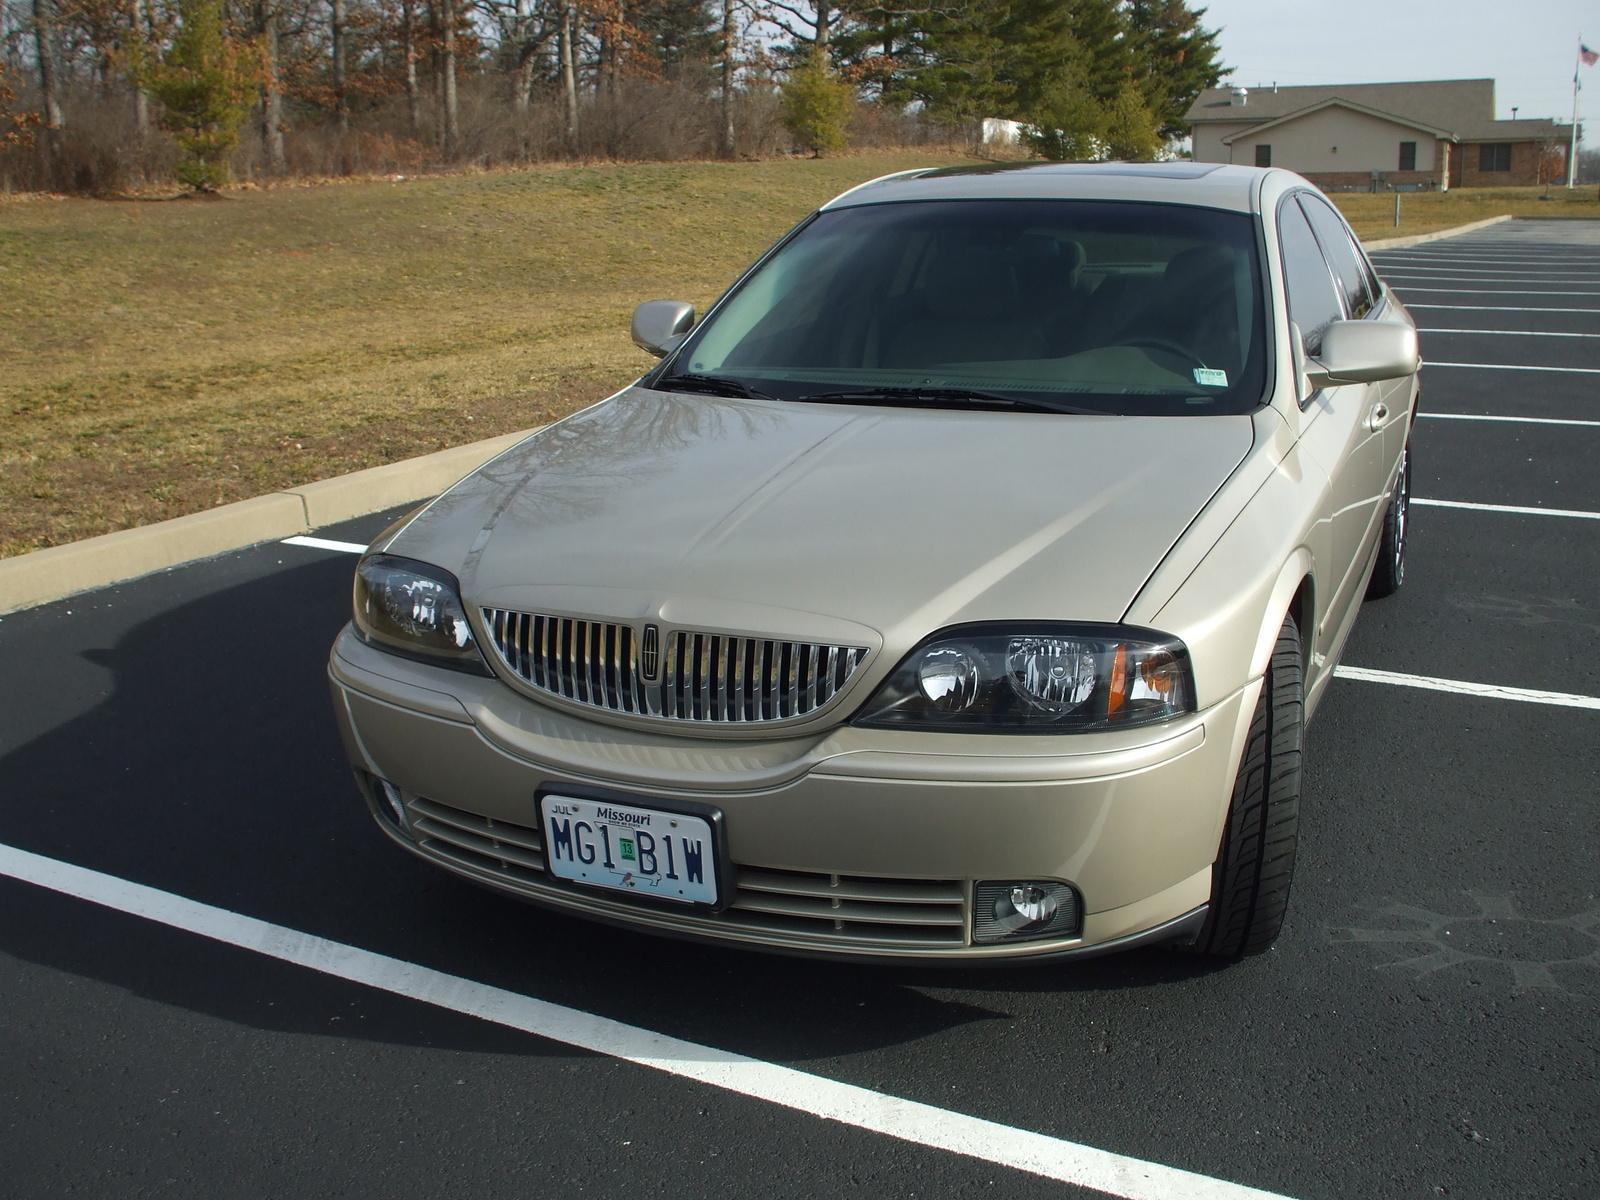 2005 Lincoln Ls 1 800 1024 1280 1600 Origin